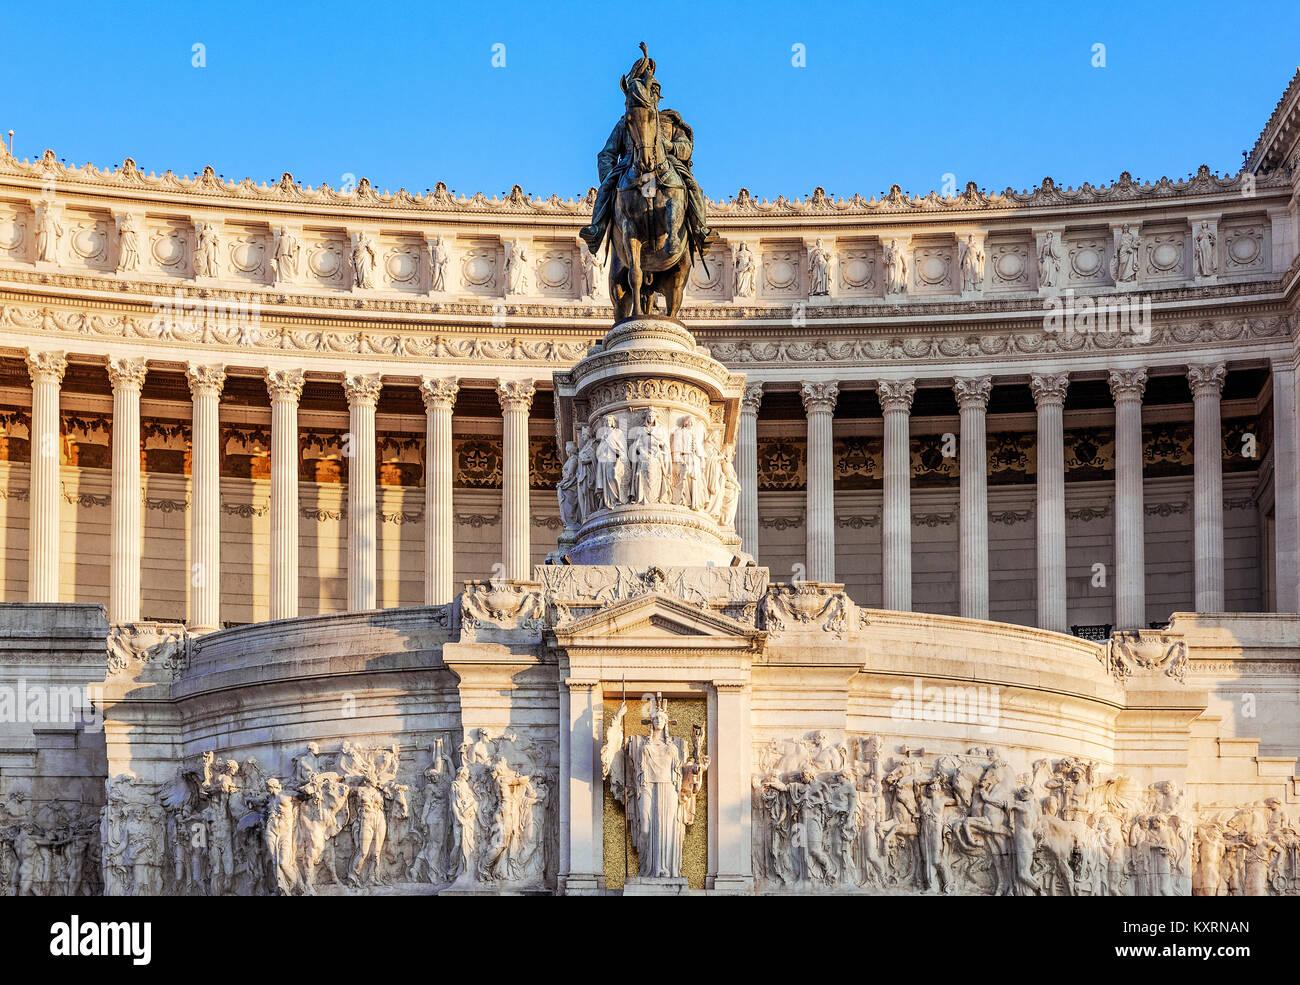 Monumento a Vittorio Emanuele II, Via del Teatro di Marcello, Rome, Italy. - Stock Image